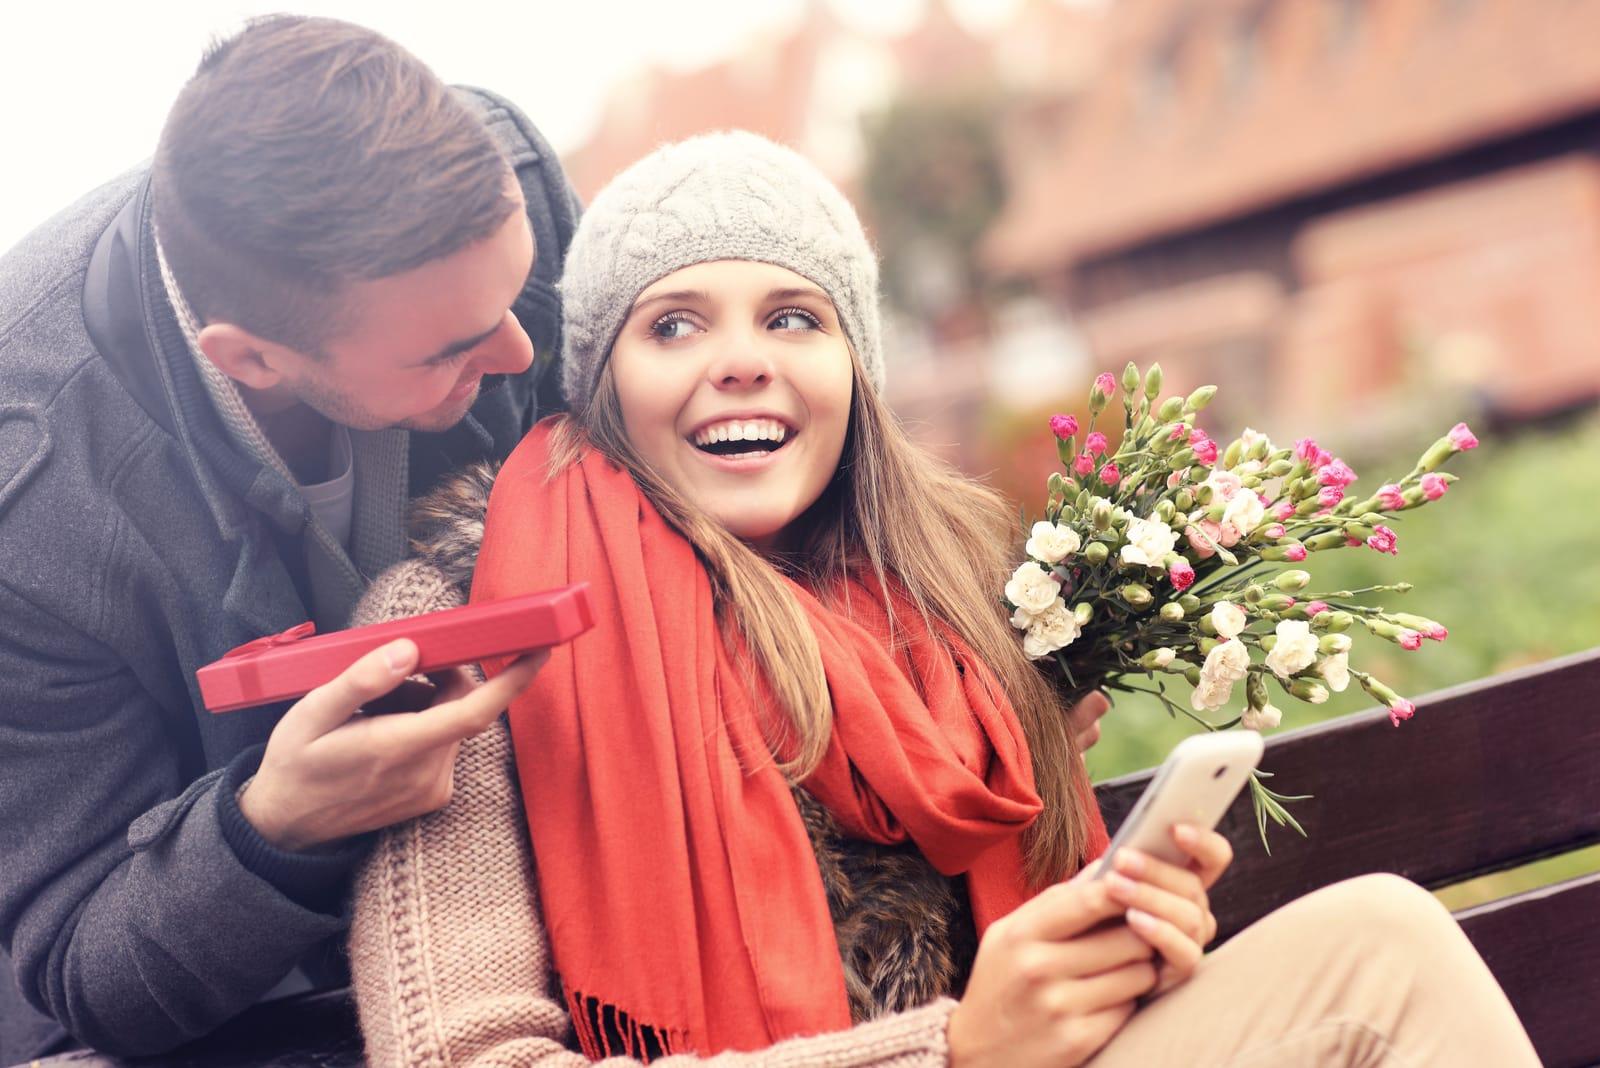 in the park on a bench a man gives a gift to a smiling woman